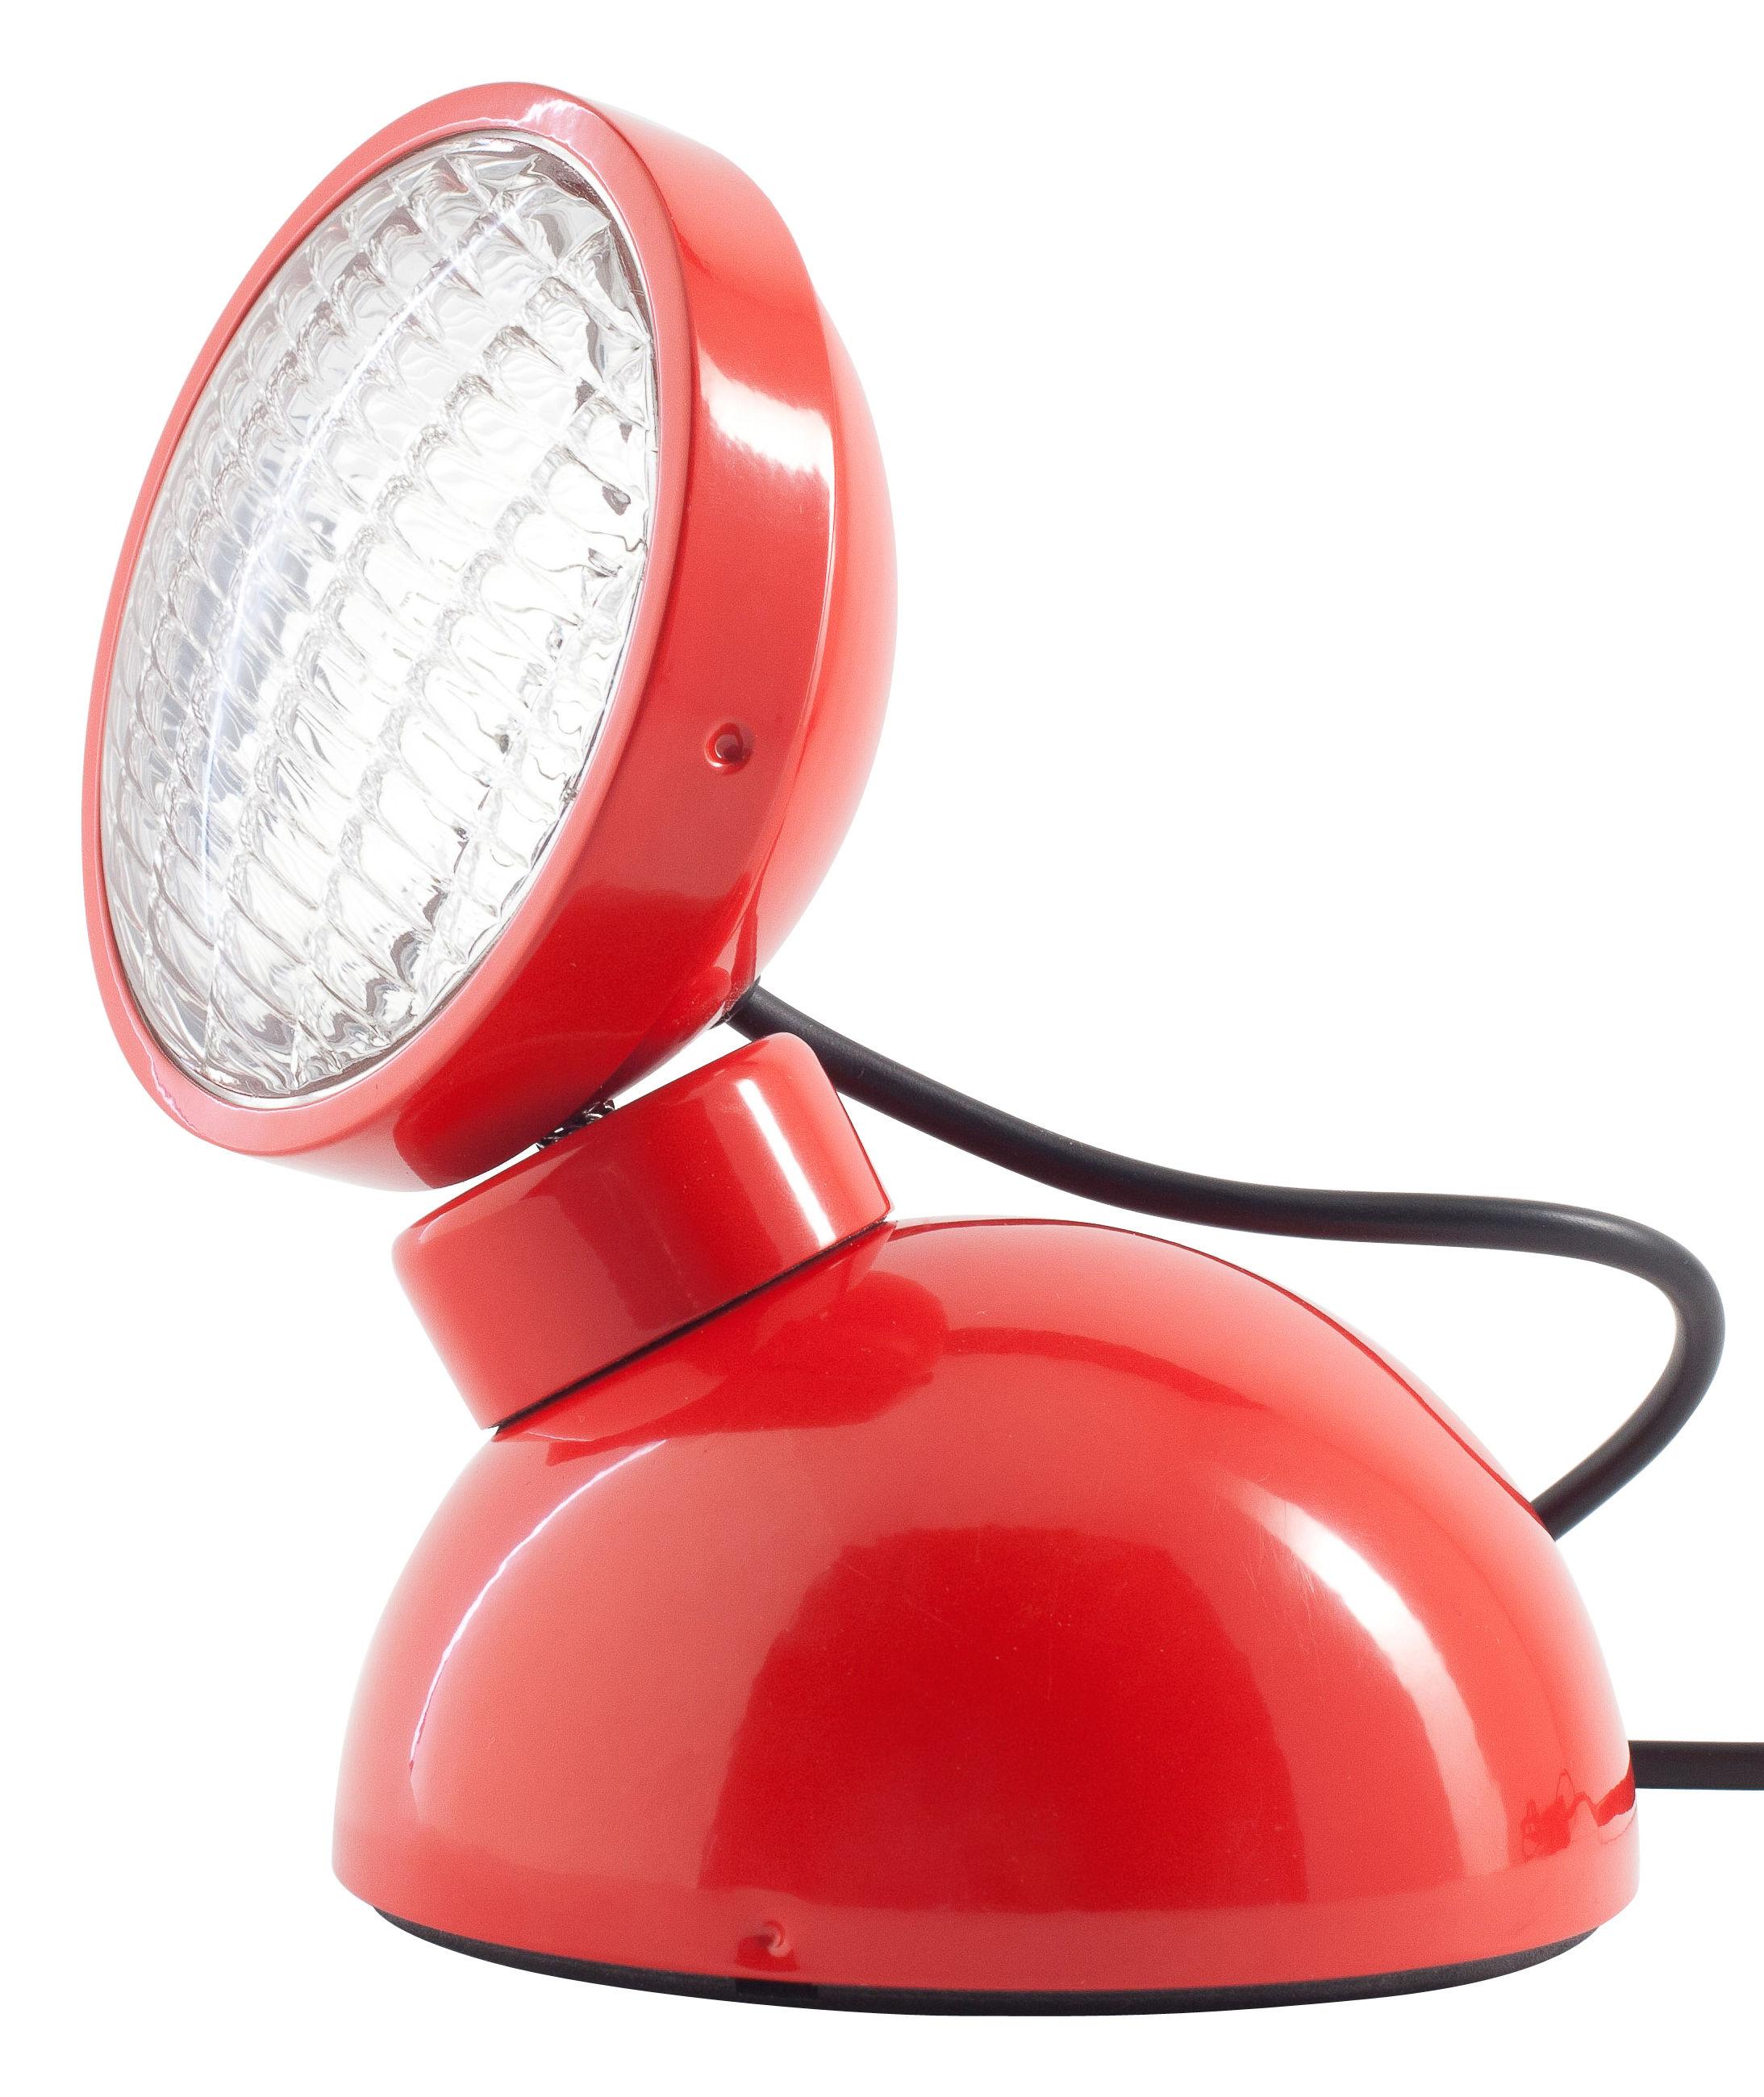 Leuchten - Tischleuchten - 1969 Tischleuchte - Azimut Industries - Rot - lackiertes Metall